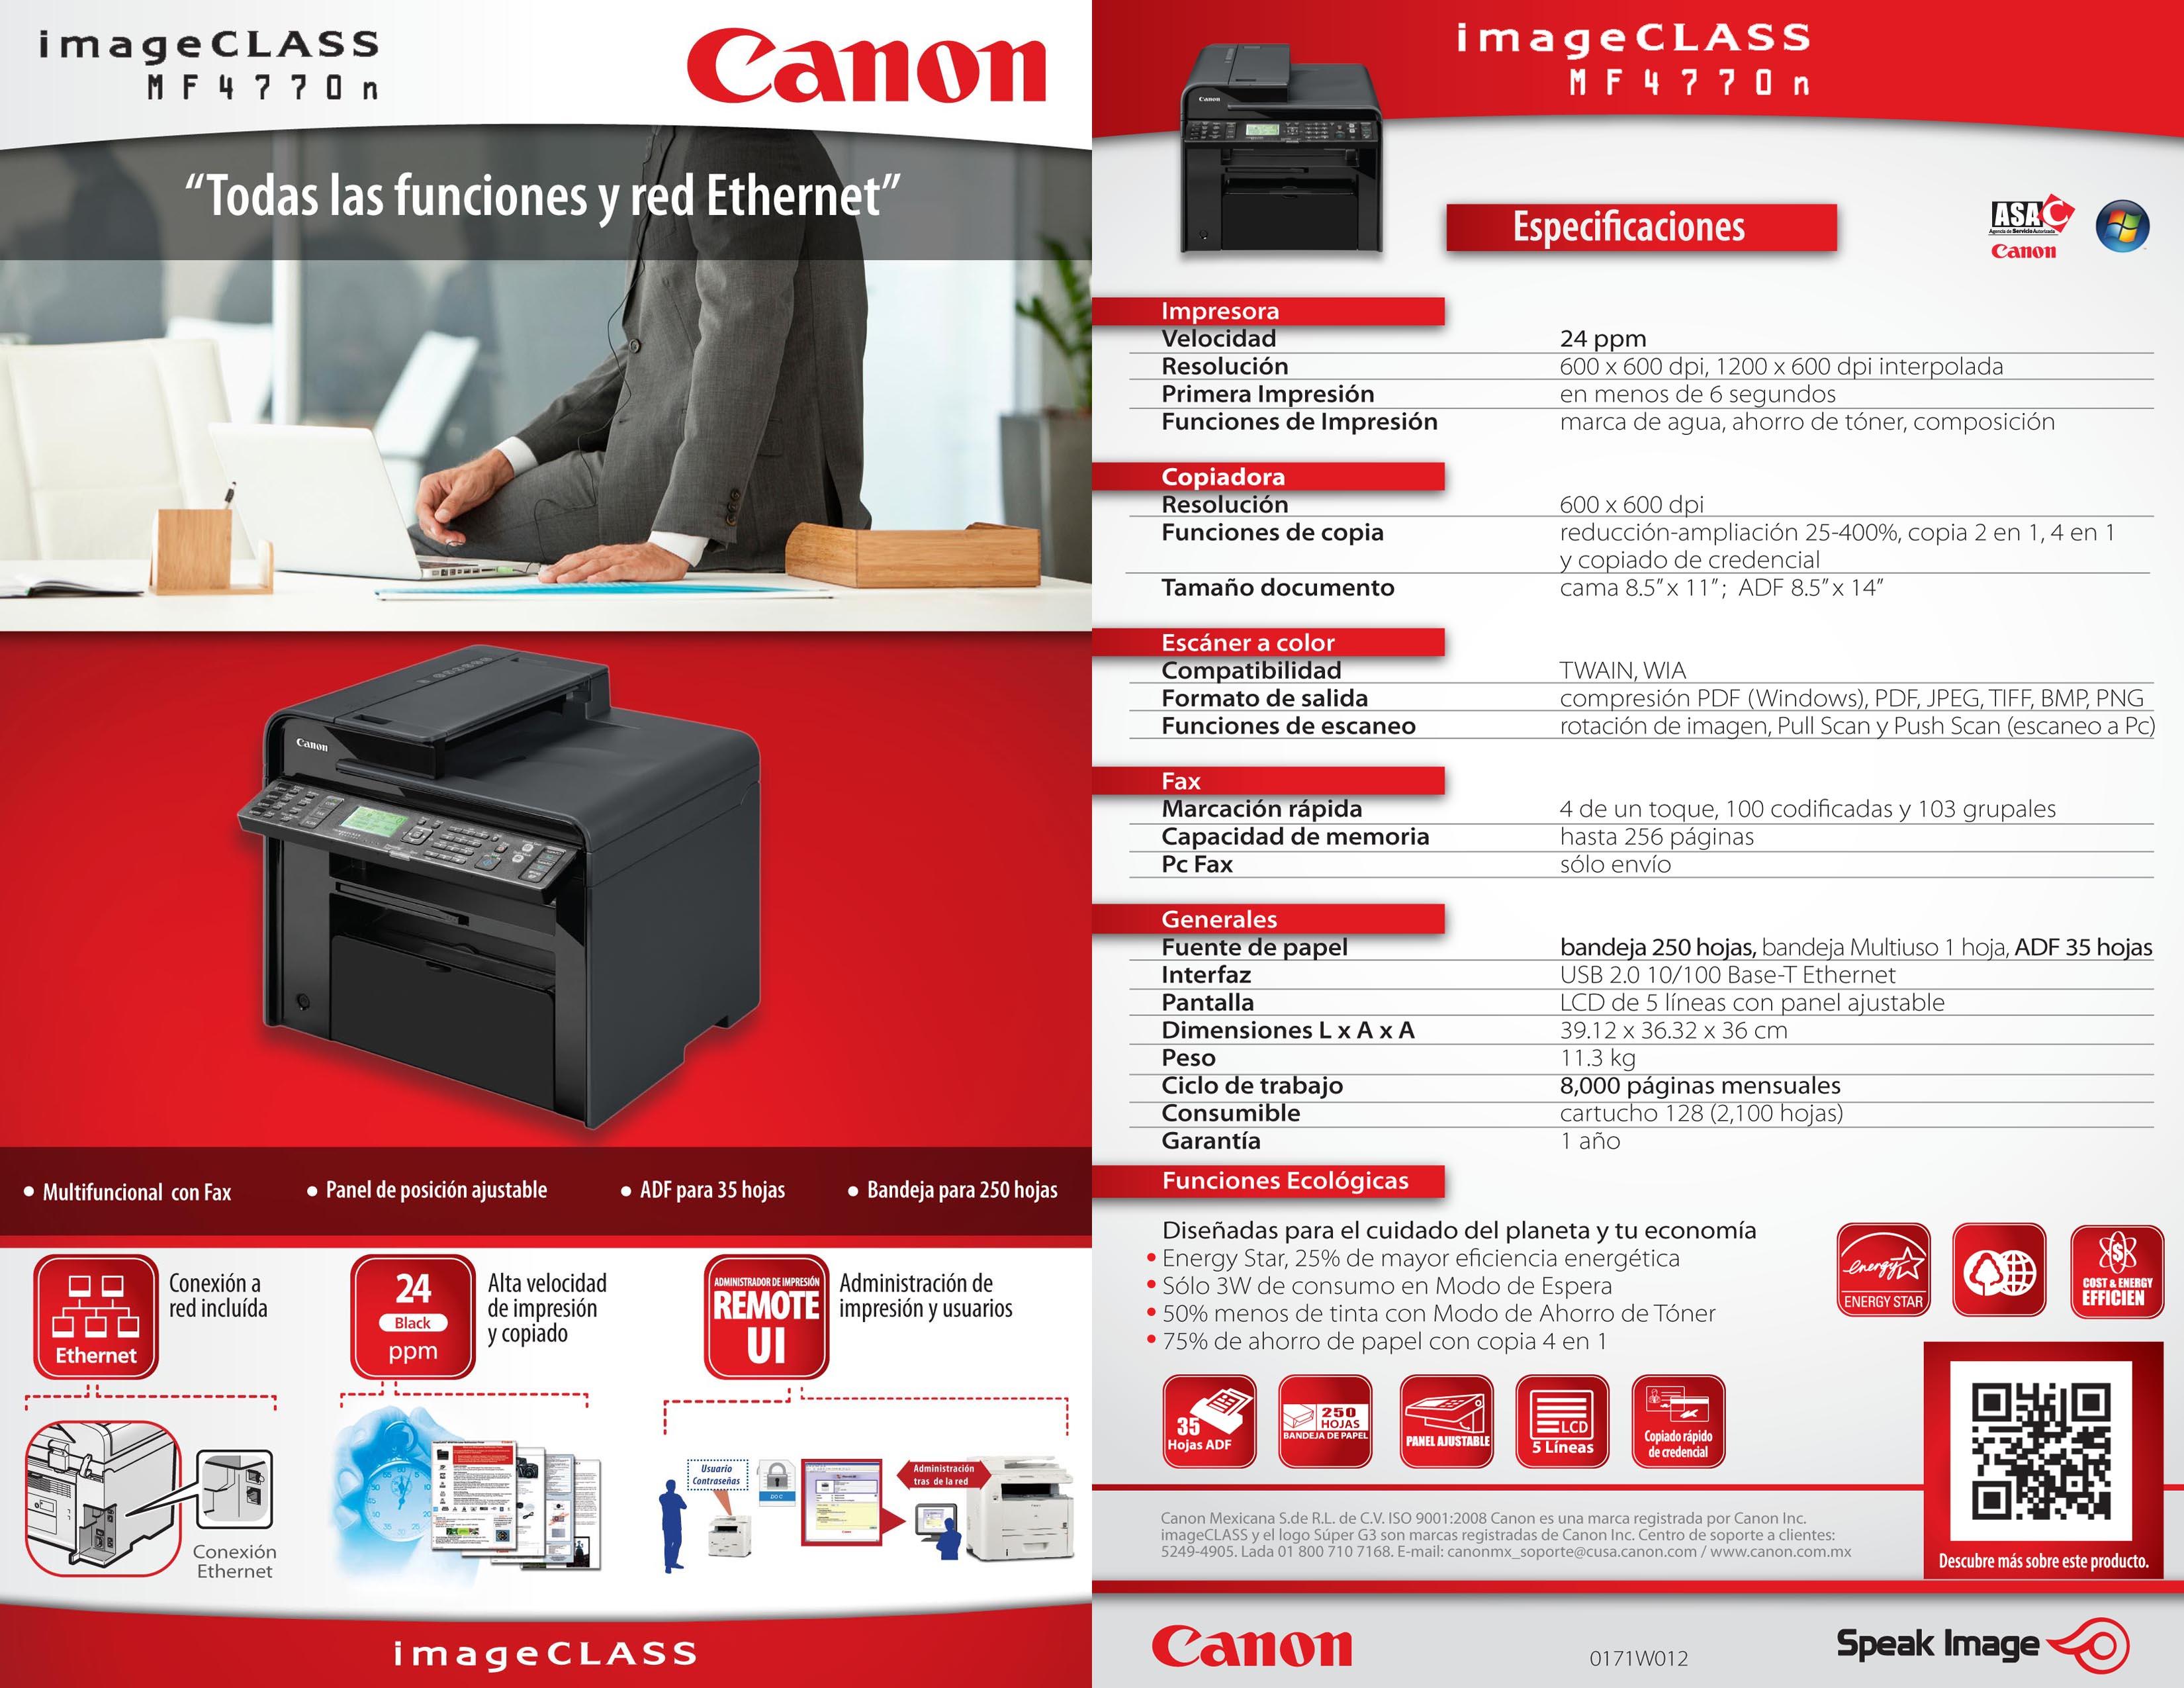 Fotocopiadora Multifuncional Canon Mf 4770n Laser 4 In 1